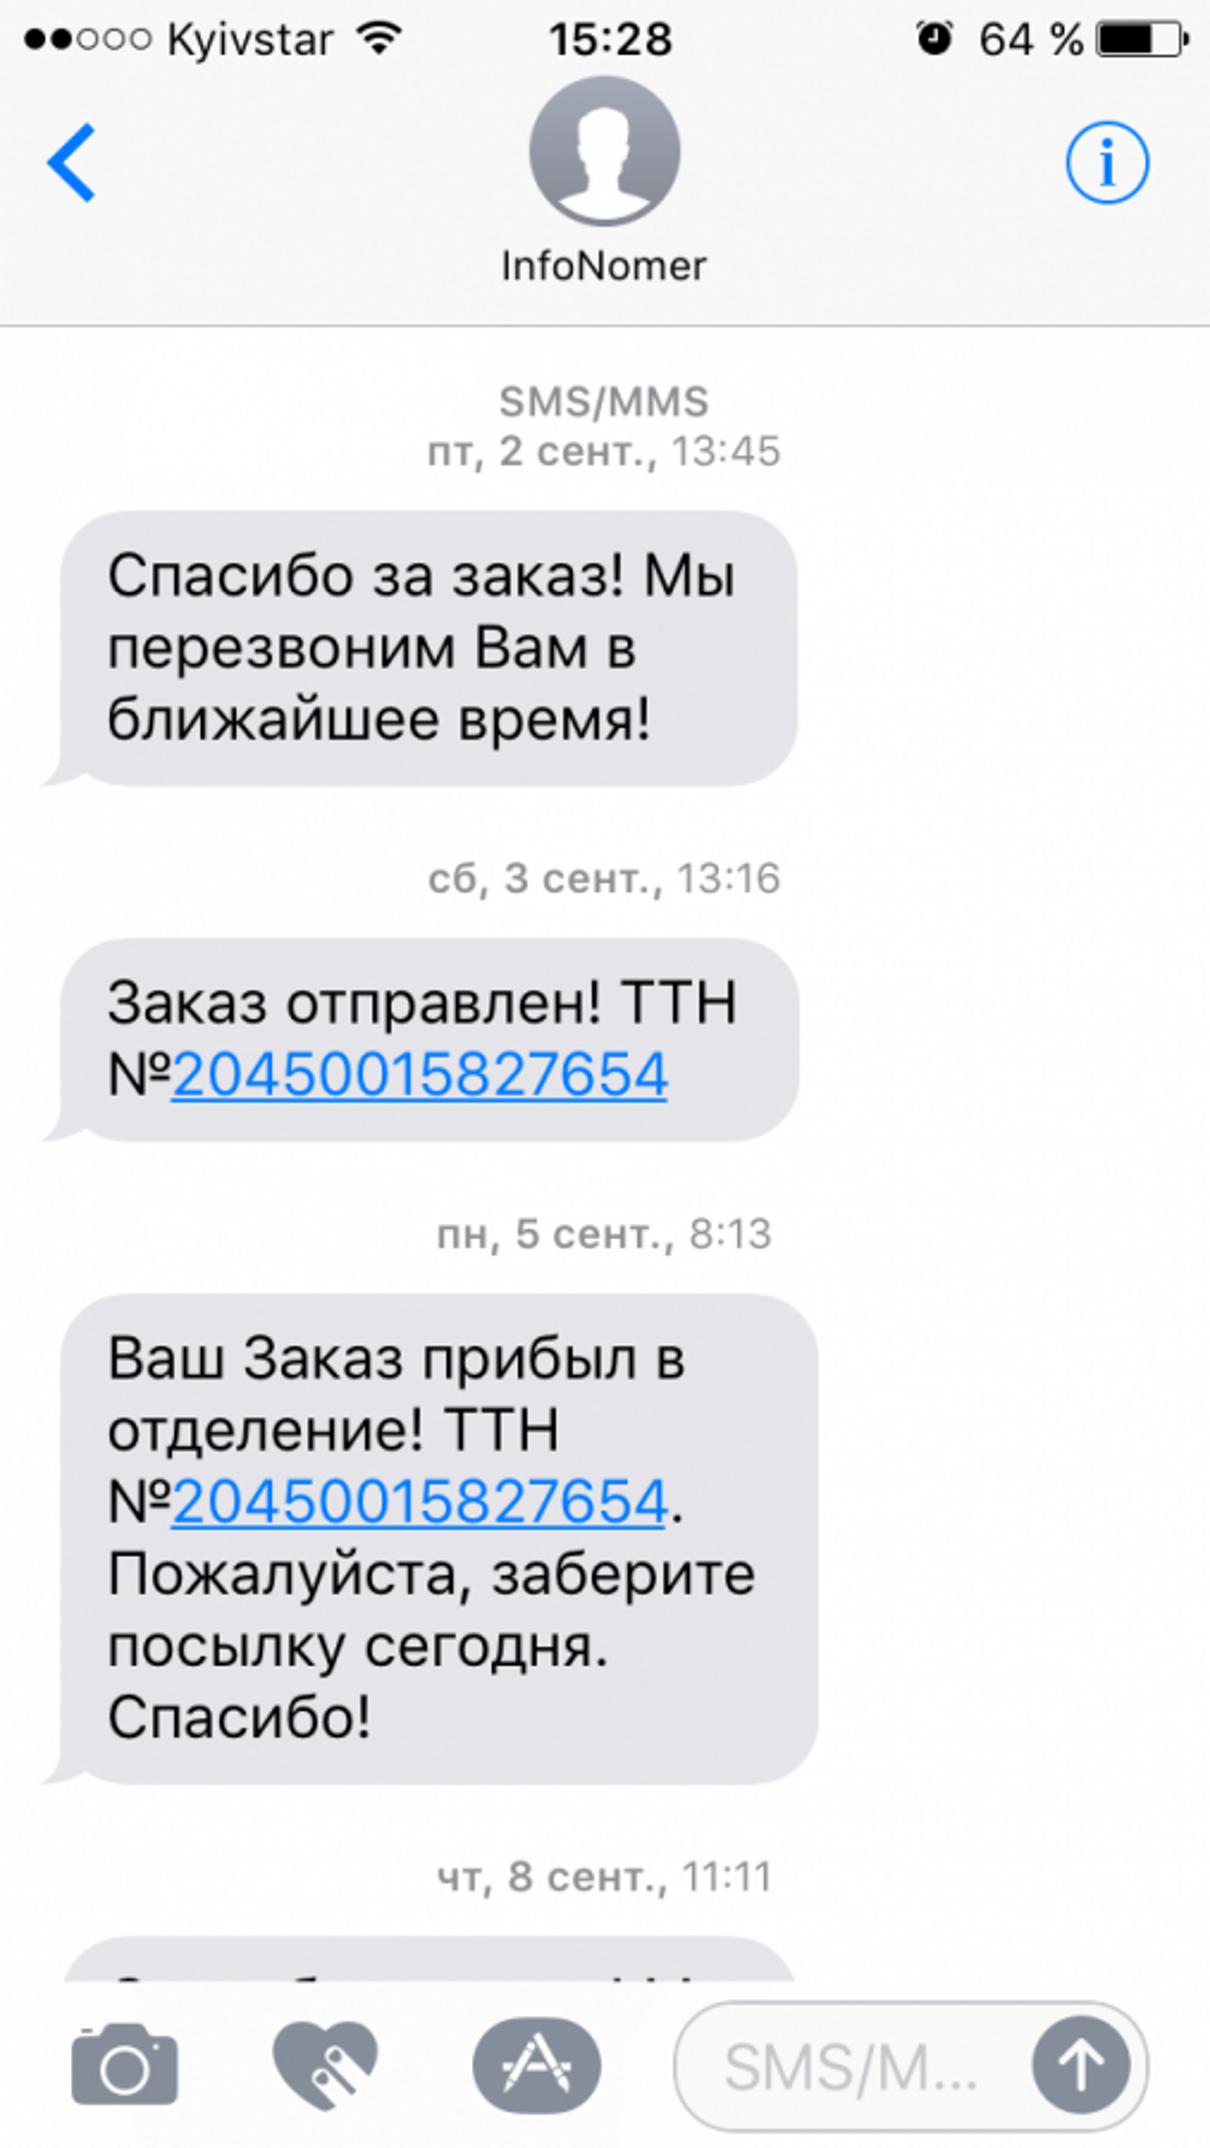 Жалоба-отзыв: Интернет -магазин powerbank-mi.com.ua, banan.online, mipower-bank.in.ua - Портативные зарядные устройства.  Фото №2